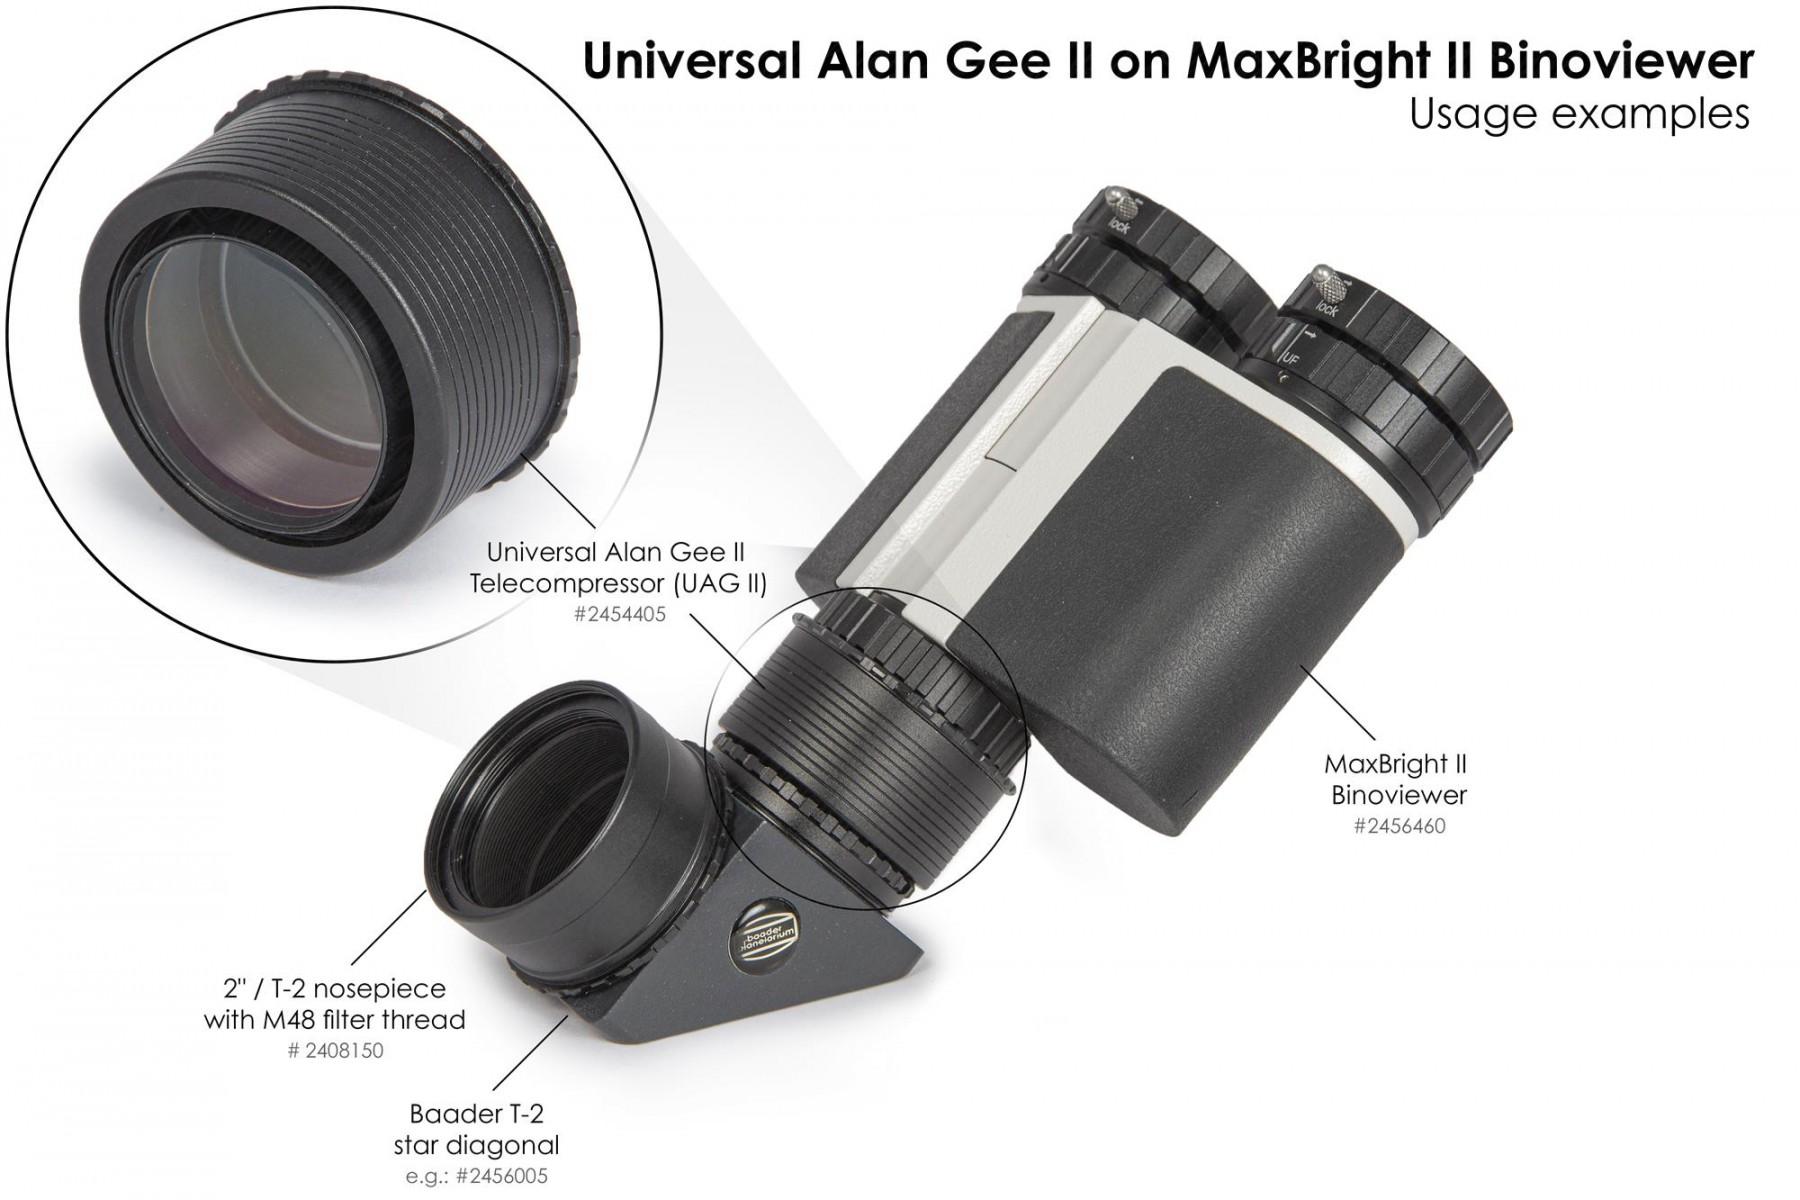 """Anwendungsbild: Universal Alan Gee II #2454405 - Maxbright #2456460 SetUp mit 2""""/T-2 # Steckanschluss mit M48 Filtergewinde #2408150 und T-2 Zenitspiegel #2456005"""